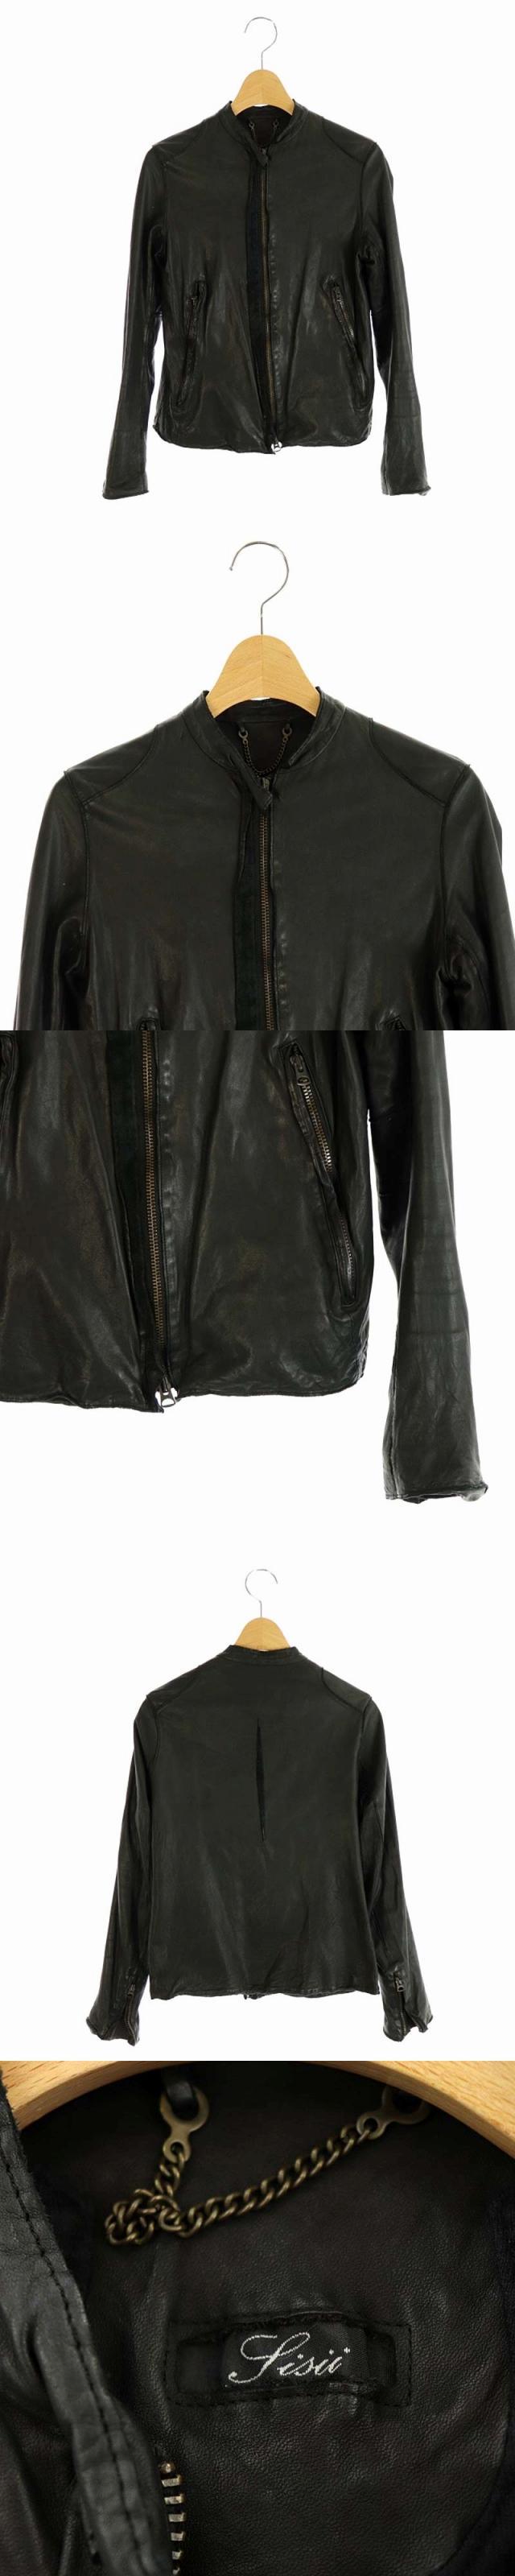 カウレザー シングルライダースジャケット ジップアップ XXS 黒 /AA ■OS